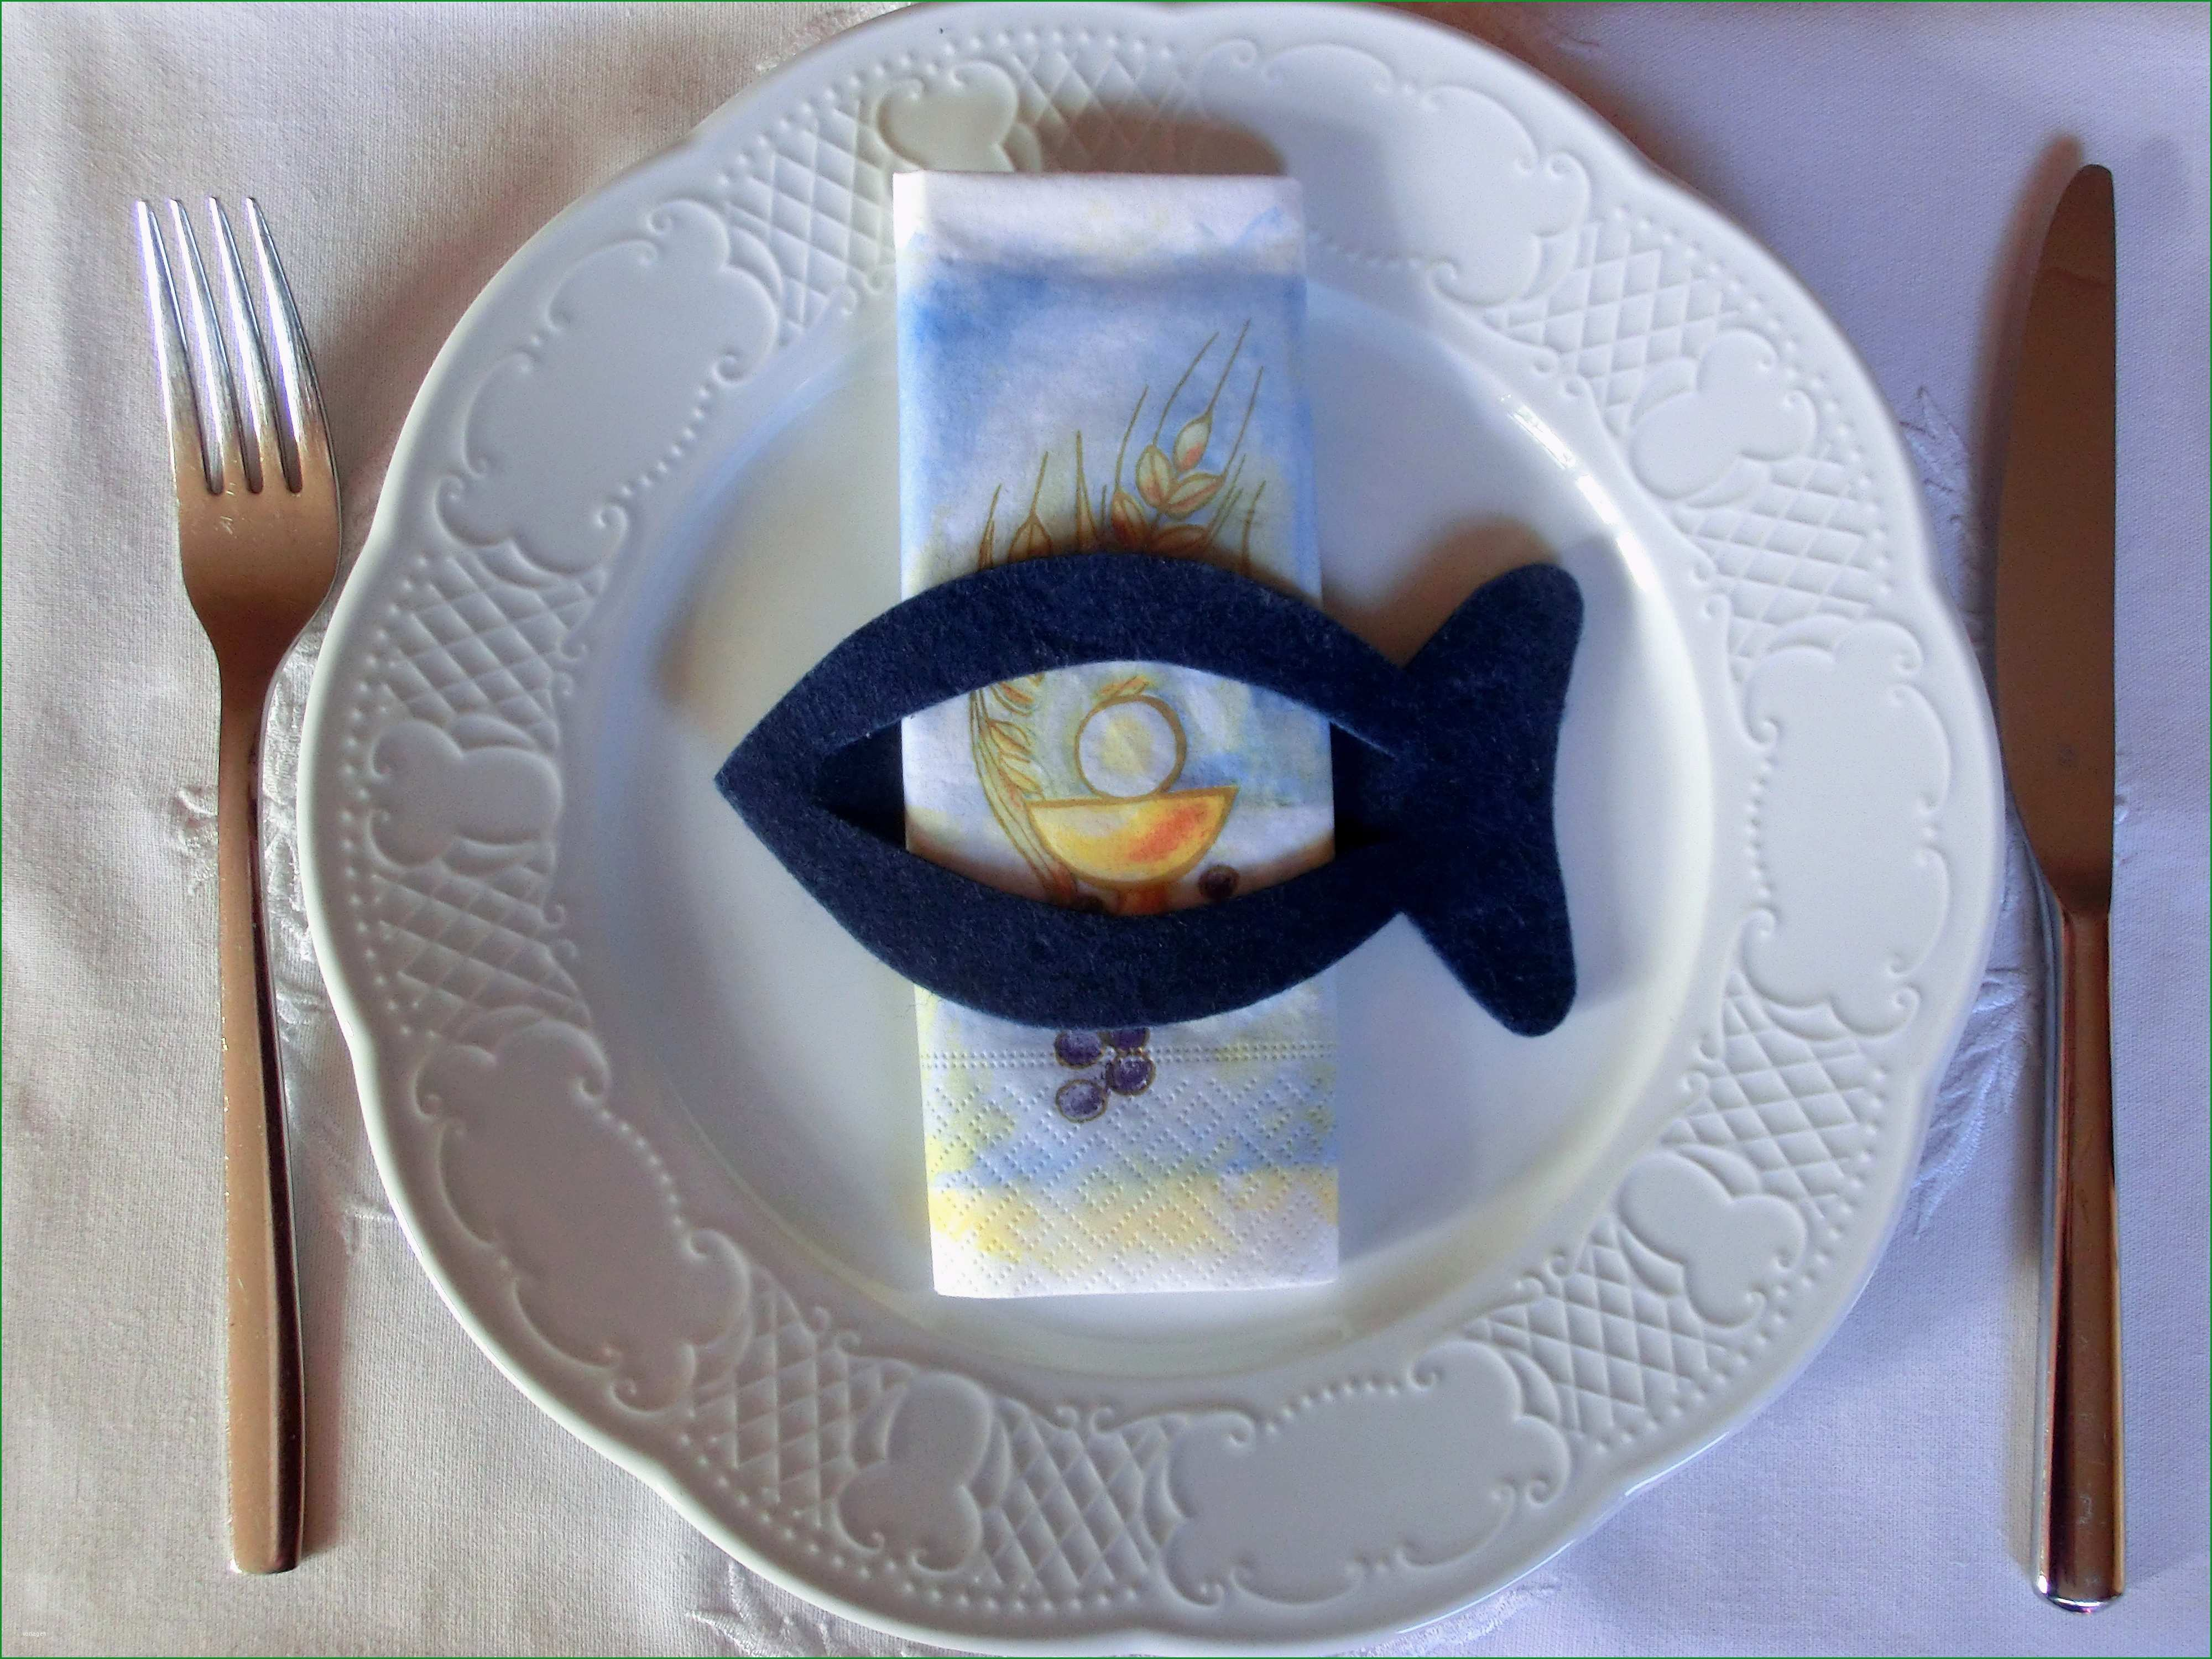 taufe fisch vorlage schon dekoration 6 filz fisch serviettenring kommunion konfirmation